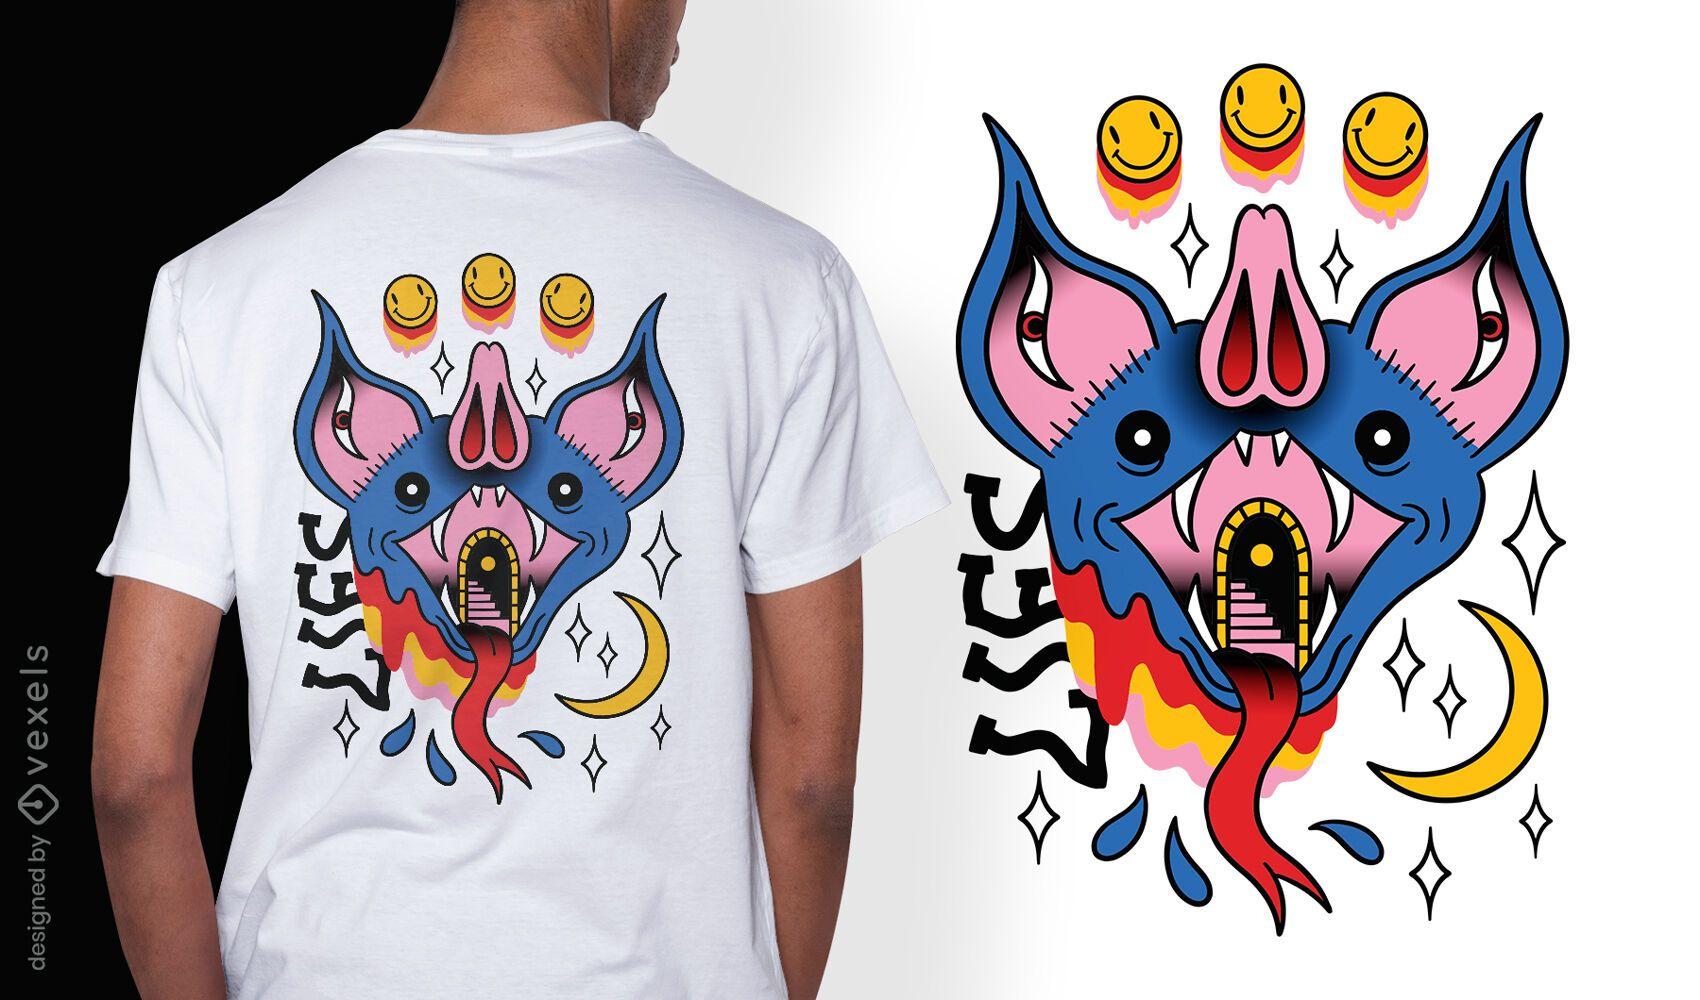 Trippy bat tattoo surreal t-shirt design